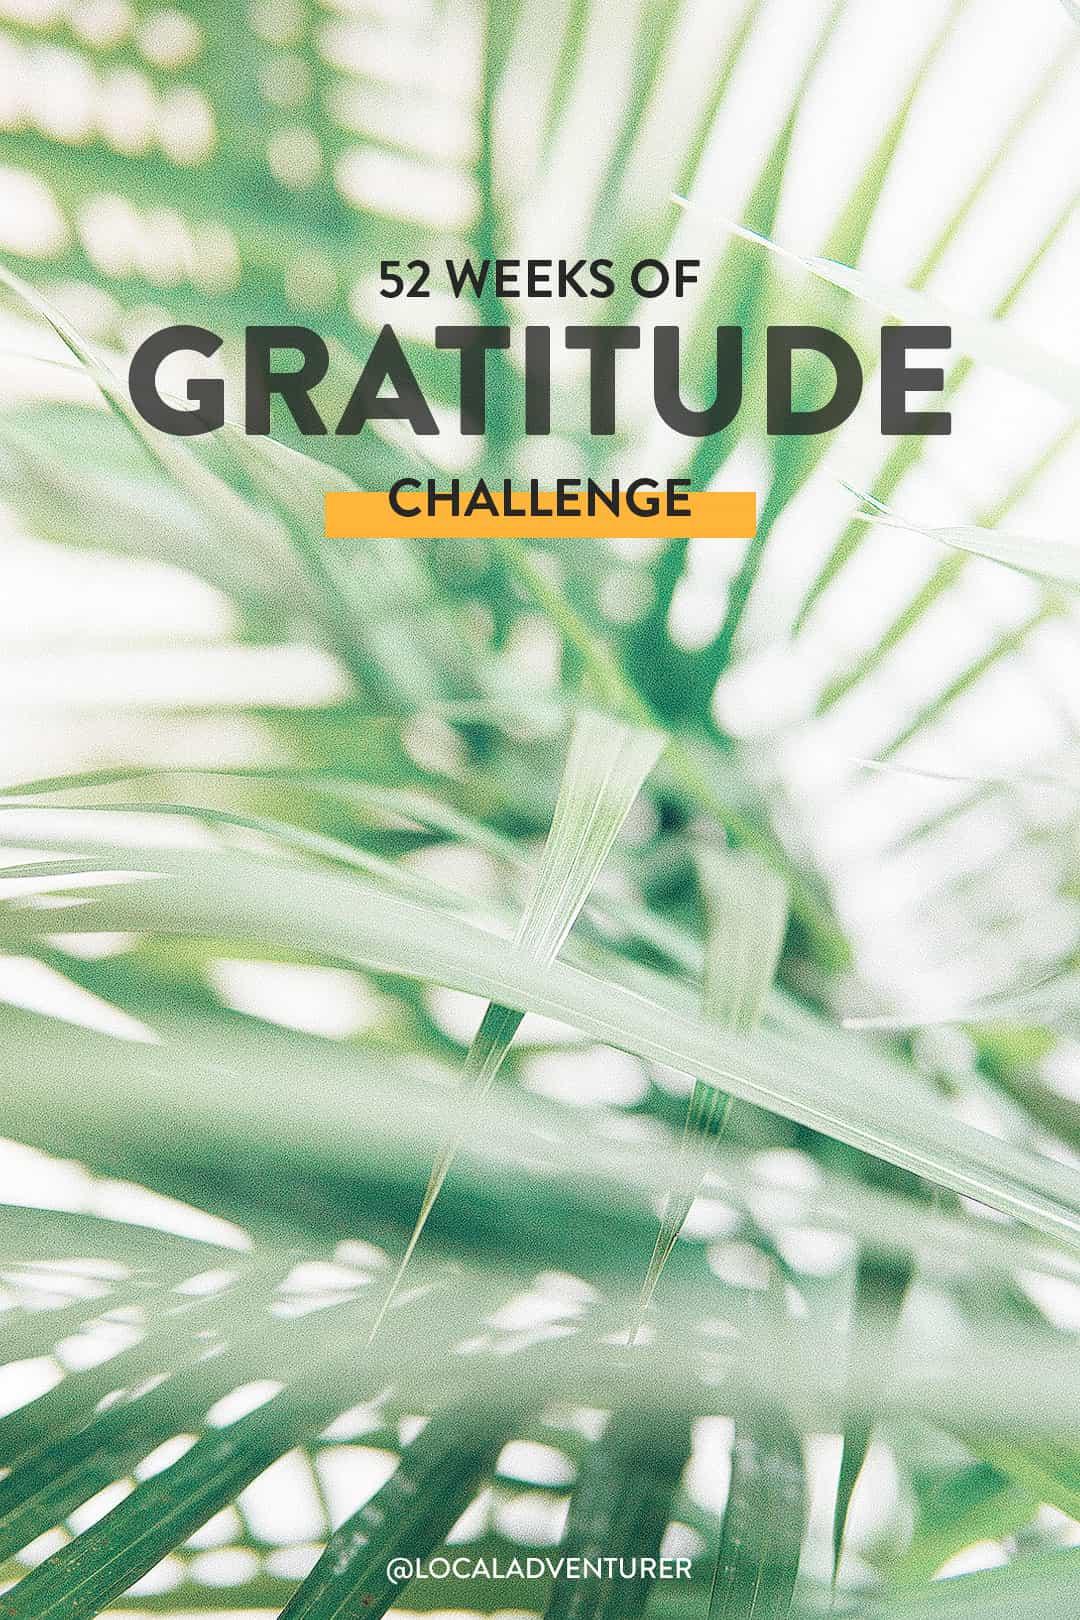 52 Weeks of Gratitude Challenge